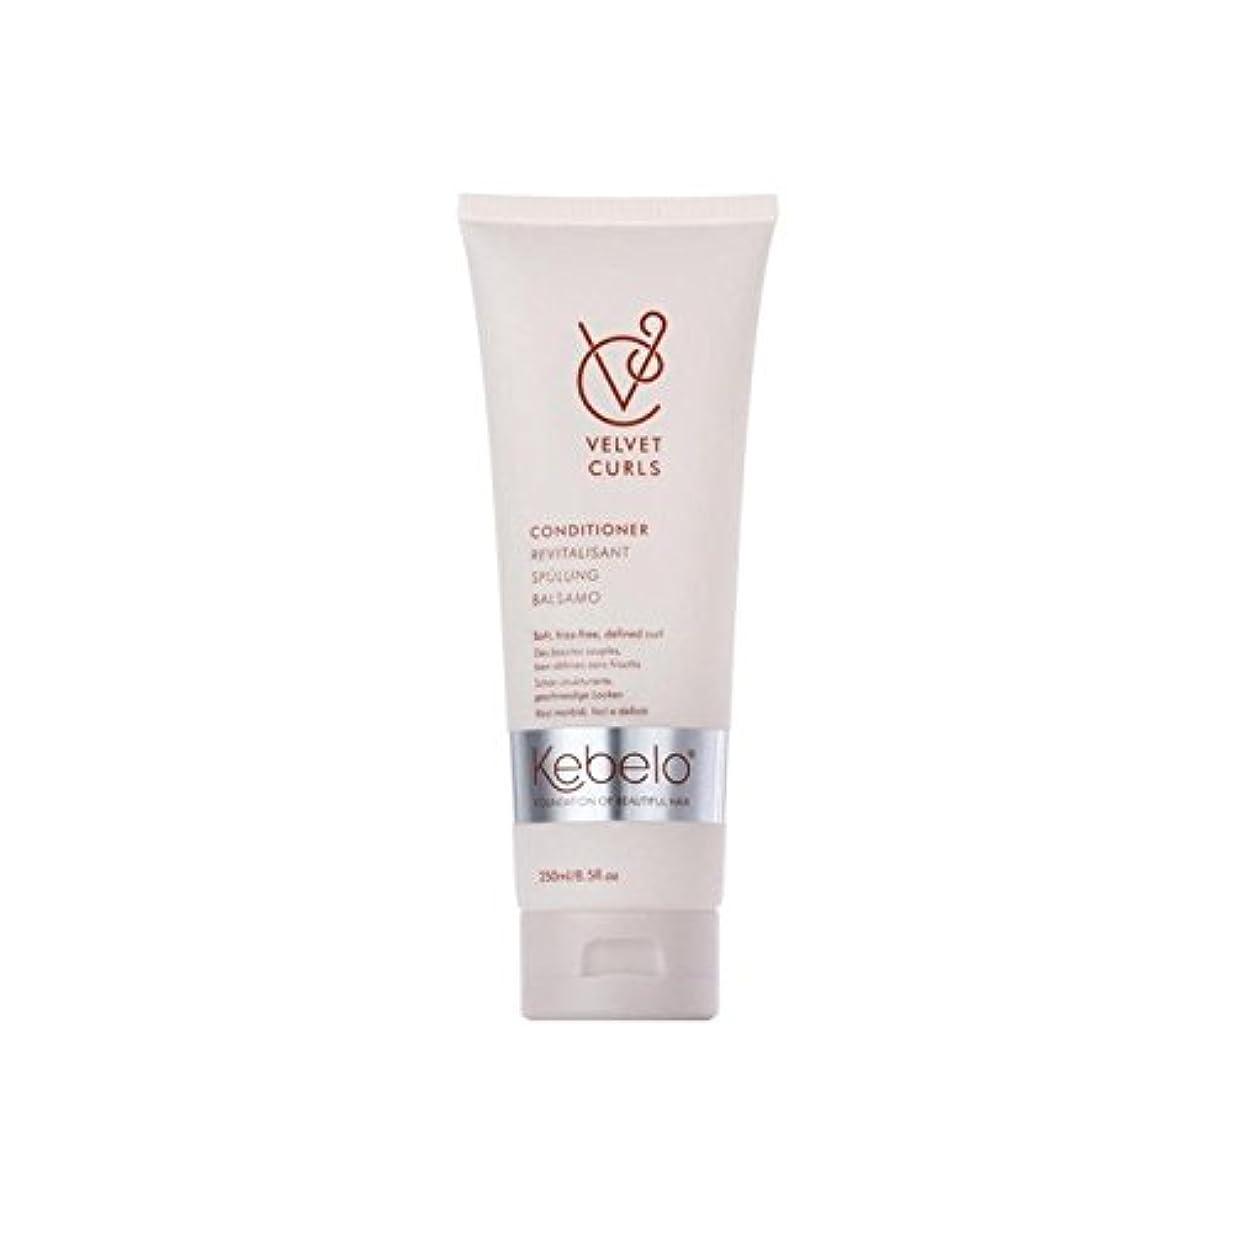 バッグ加速する依存Kebelo Velvet Curls Conditioner (250ml) (Pack of 6) - ベルベットのカールコンディショナー(250ミリリットル) x6 [並行輸入品]